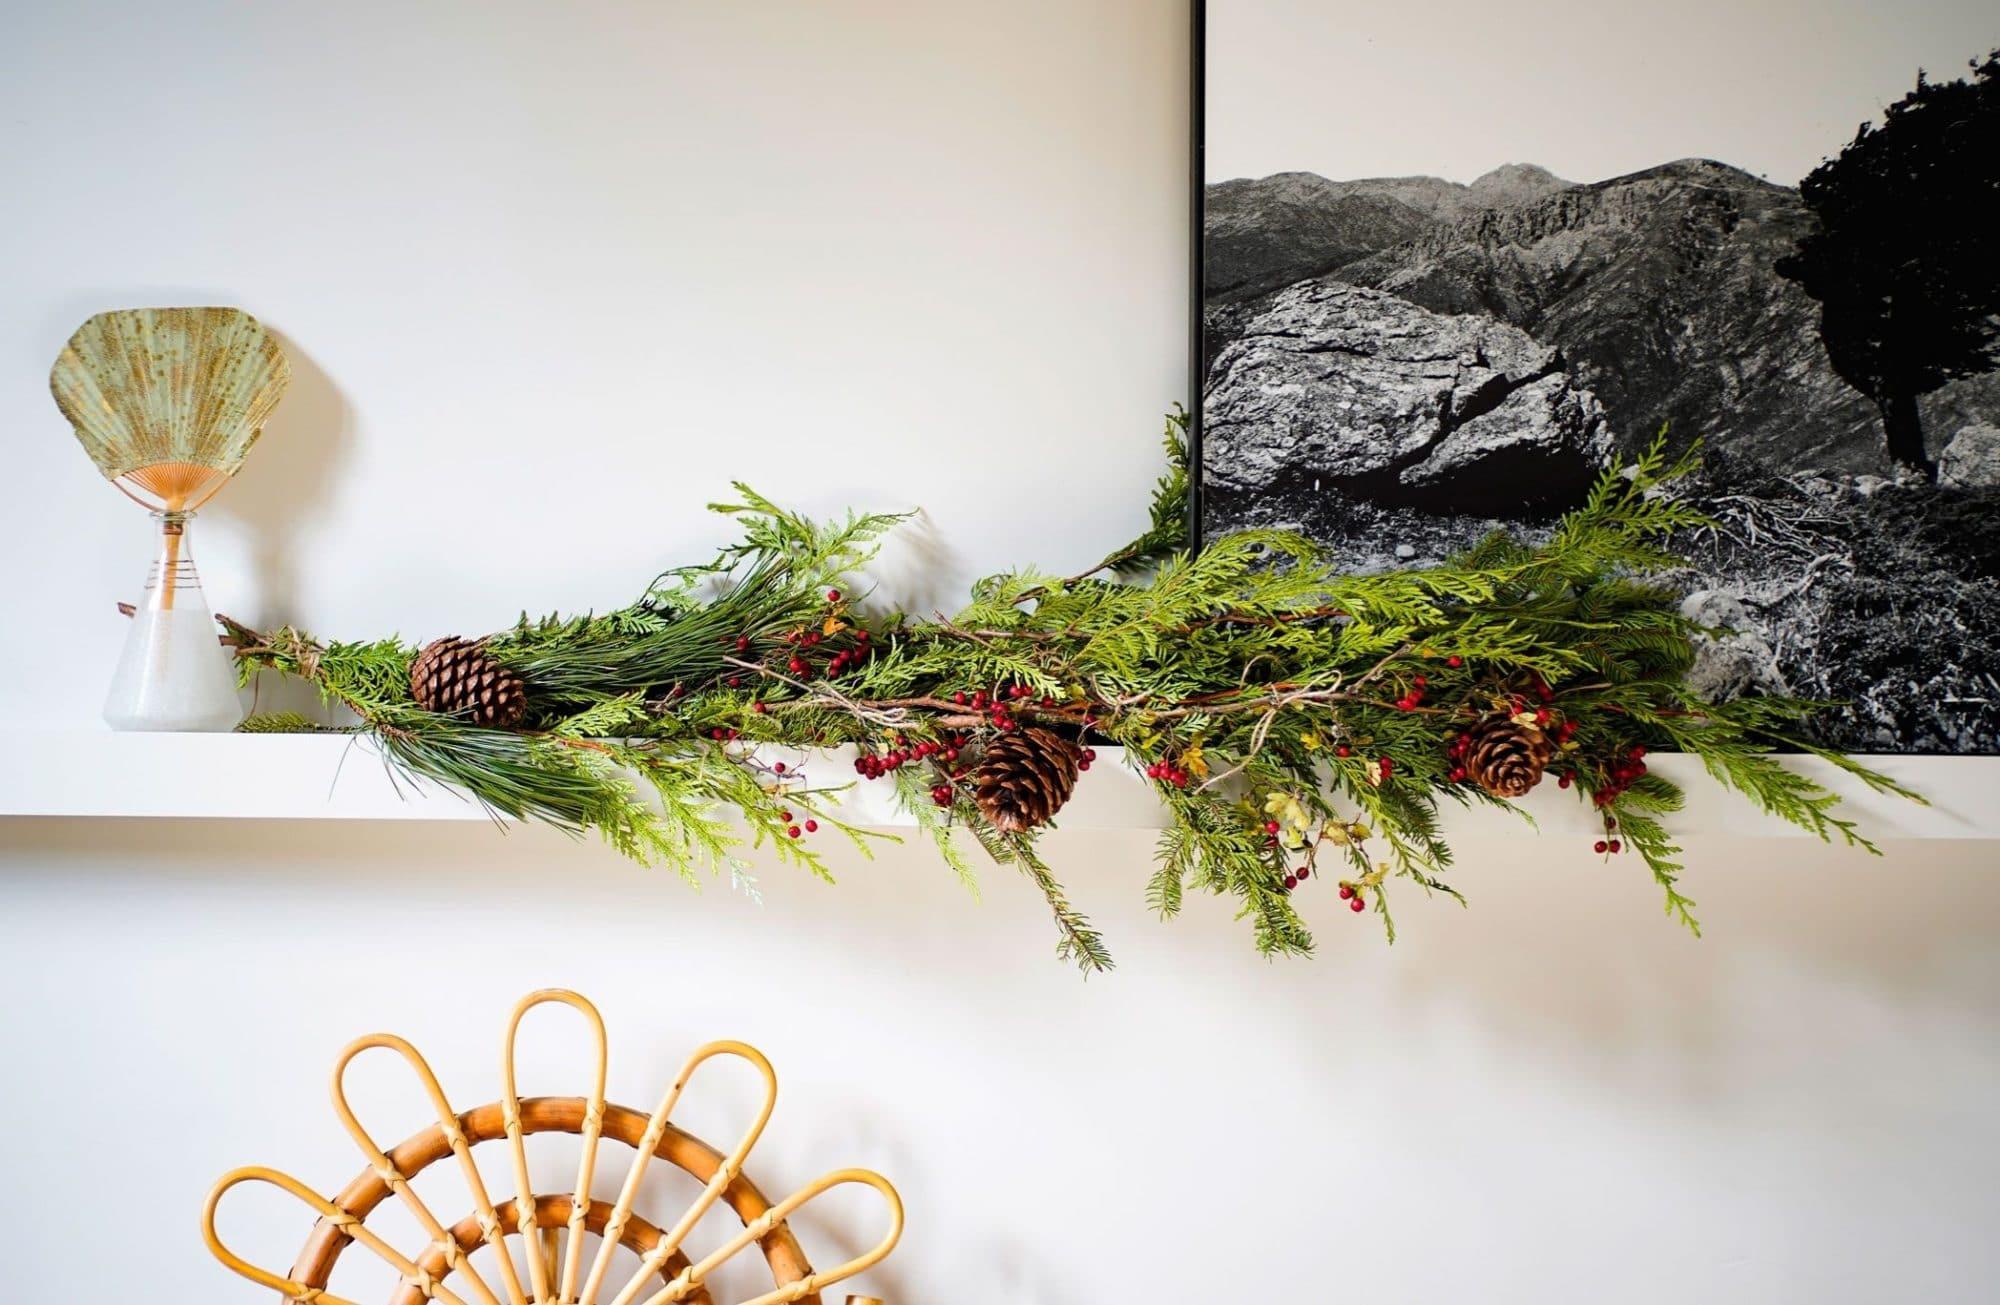 Confectionner une guirlande en branches de sapin pour Noël